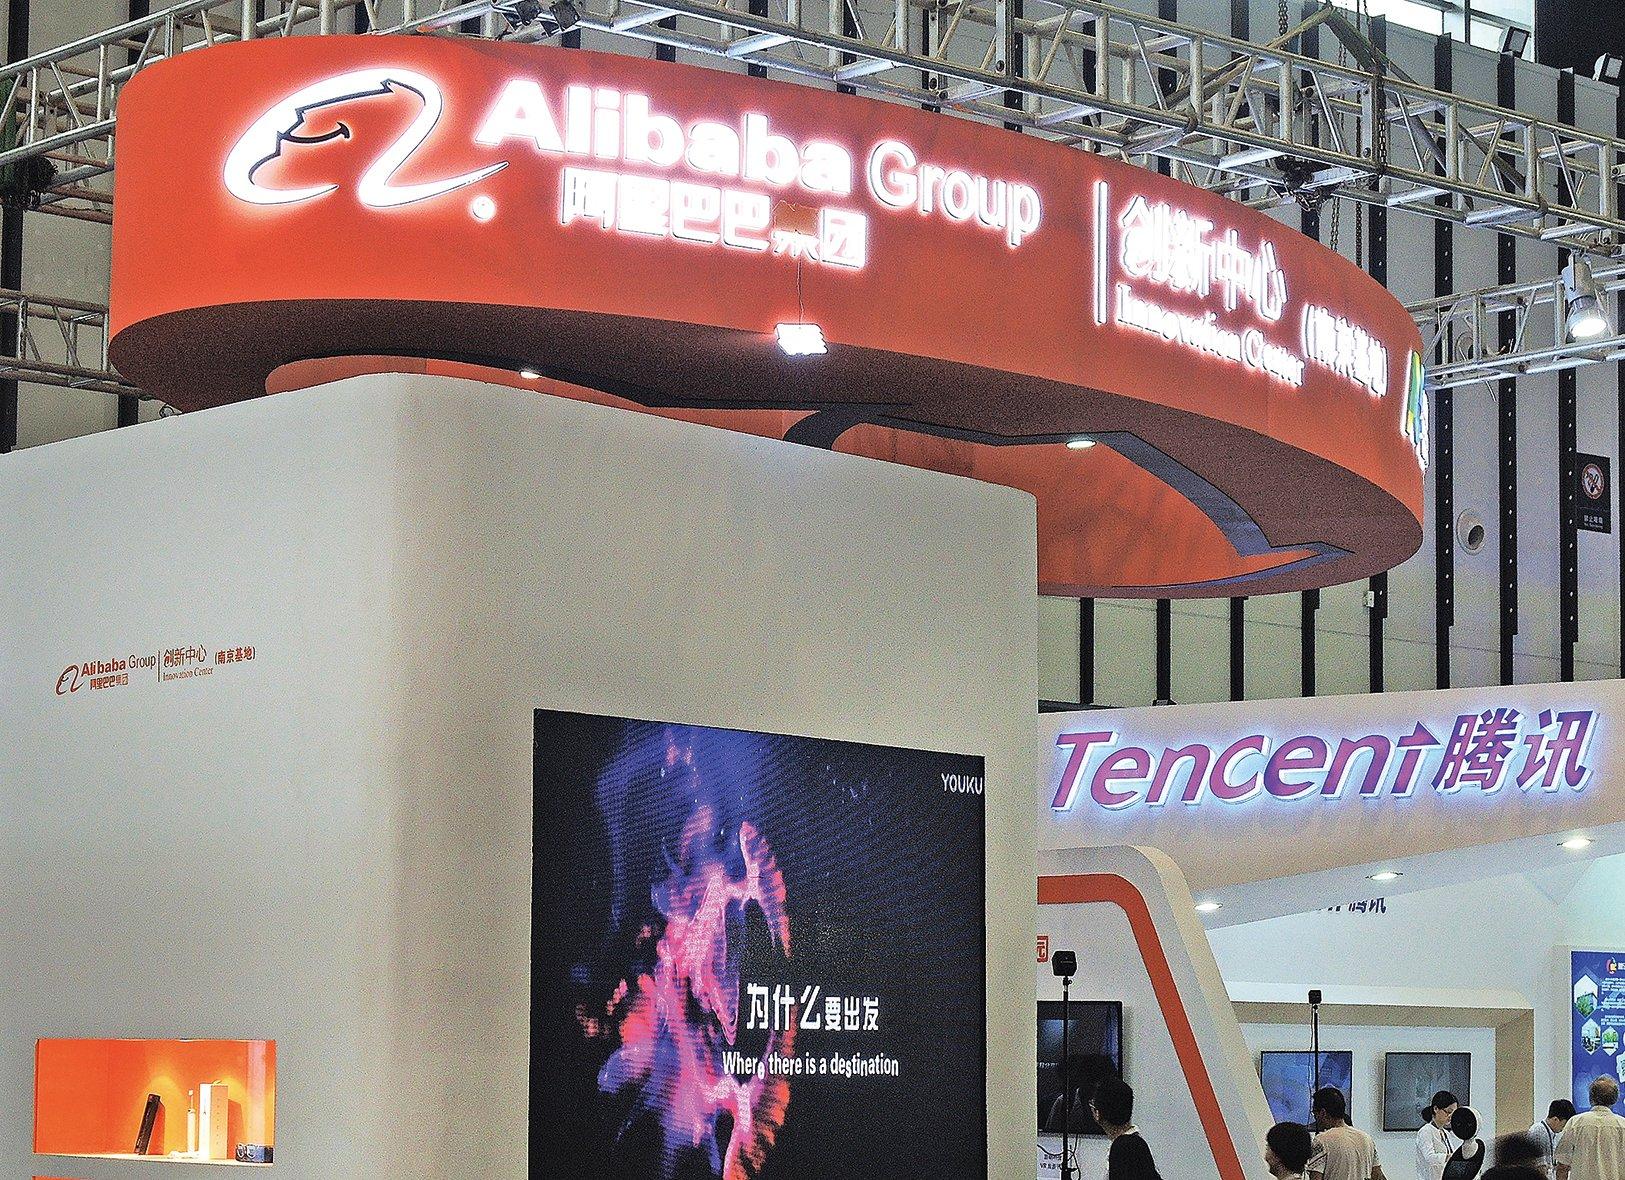 2017年南京中國軟件產業技術博覽會上的阿里巴巴和騰訊展台。